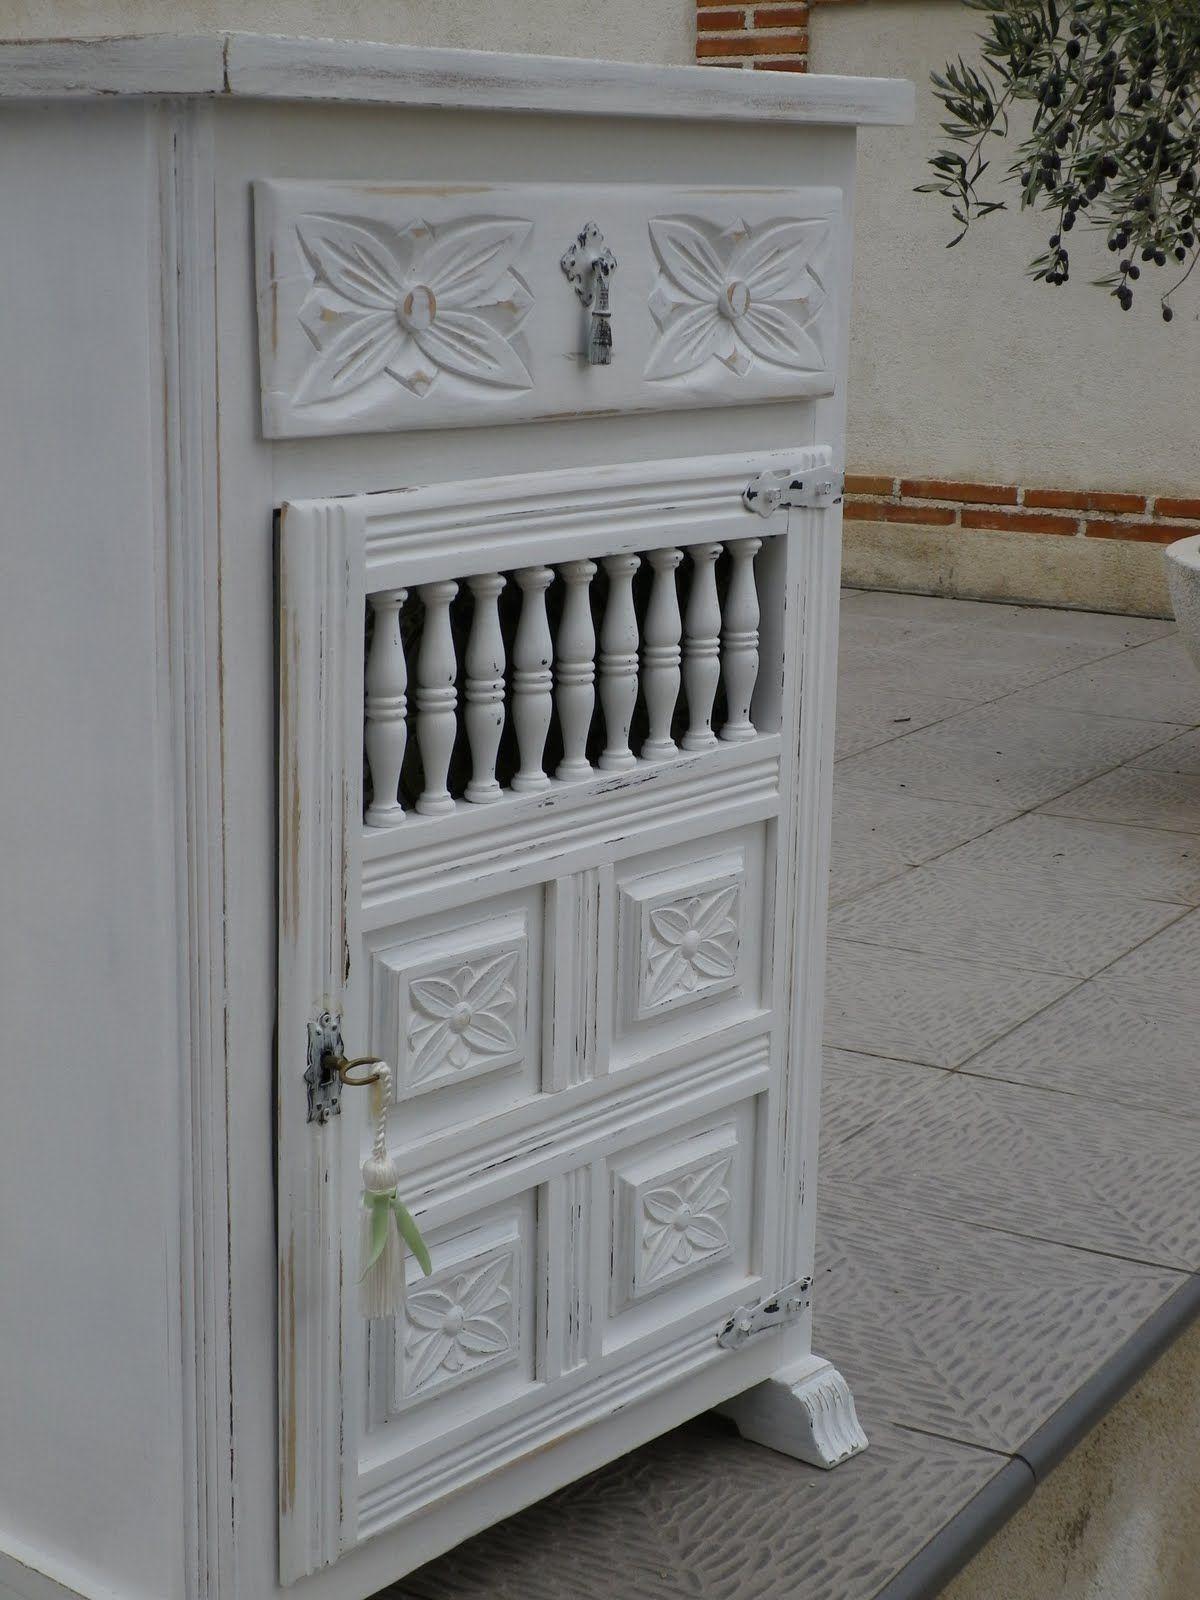 Antes y despu s de un mueble castellano castellanos for Muebles antiguos restaurados antes y despues